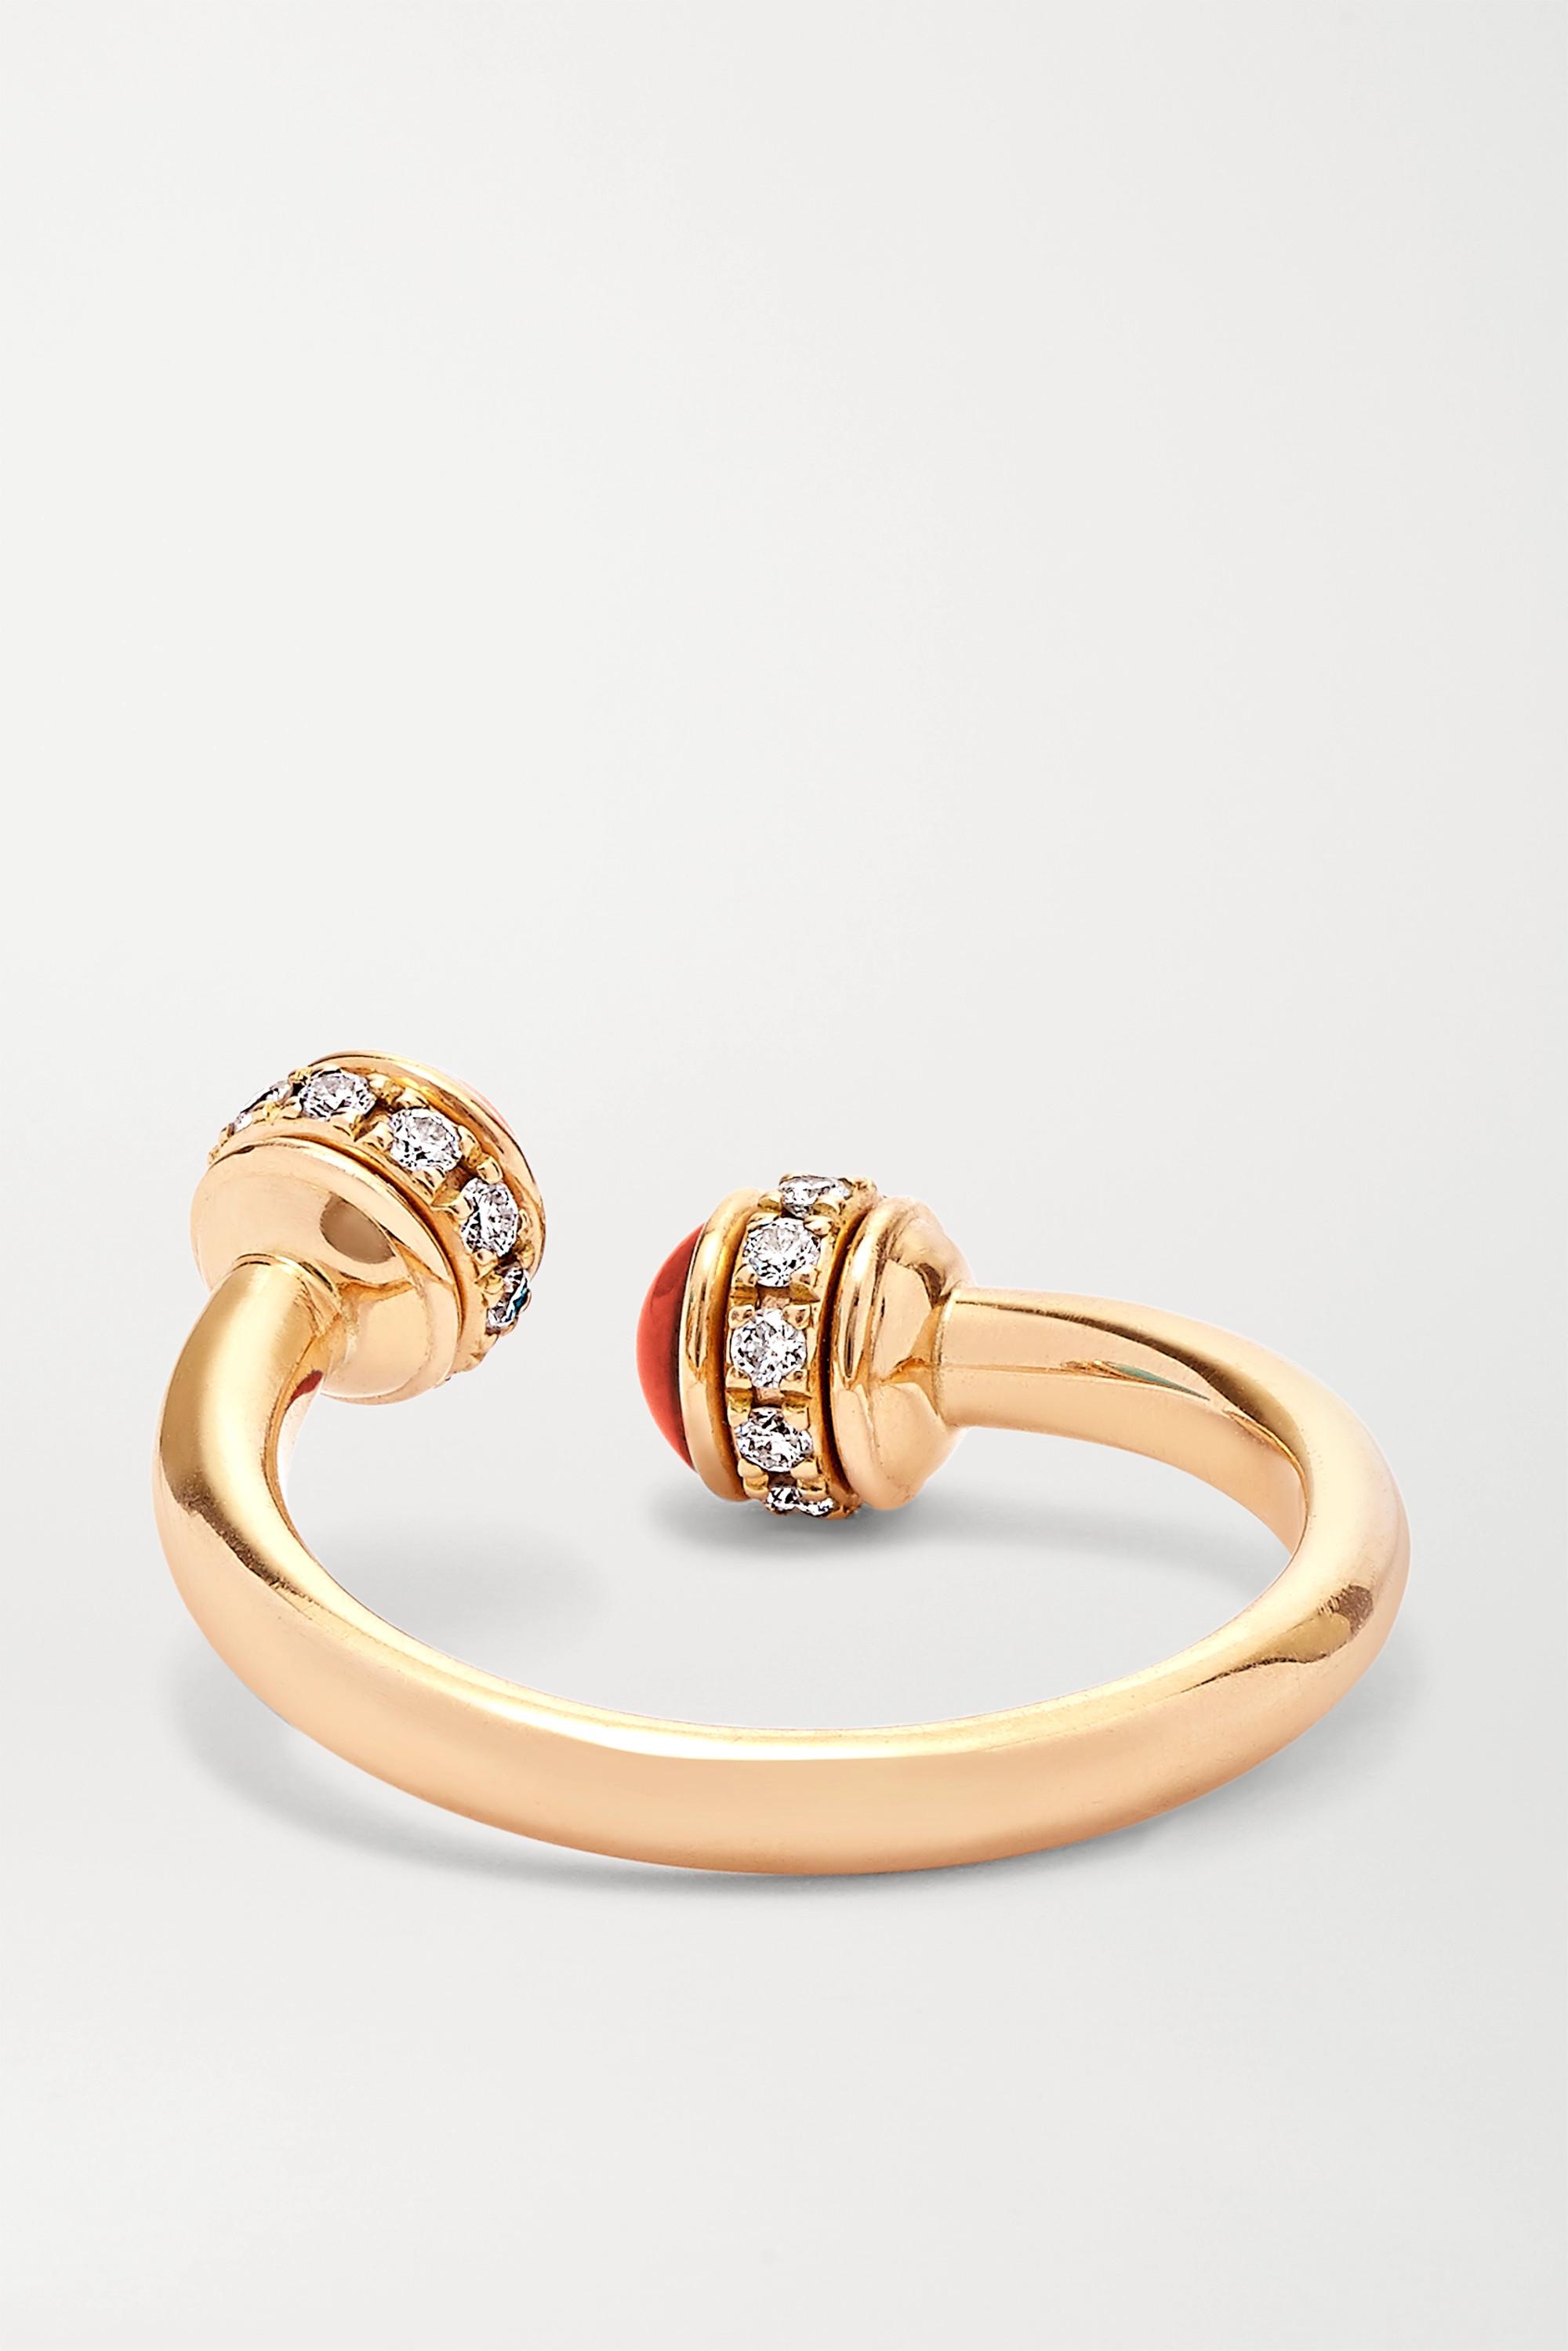 Piaget Bague en or rose 18 carats, cornalines et diamants Possession